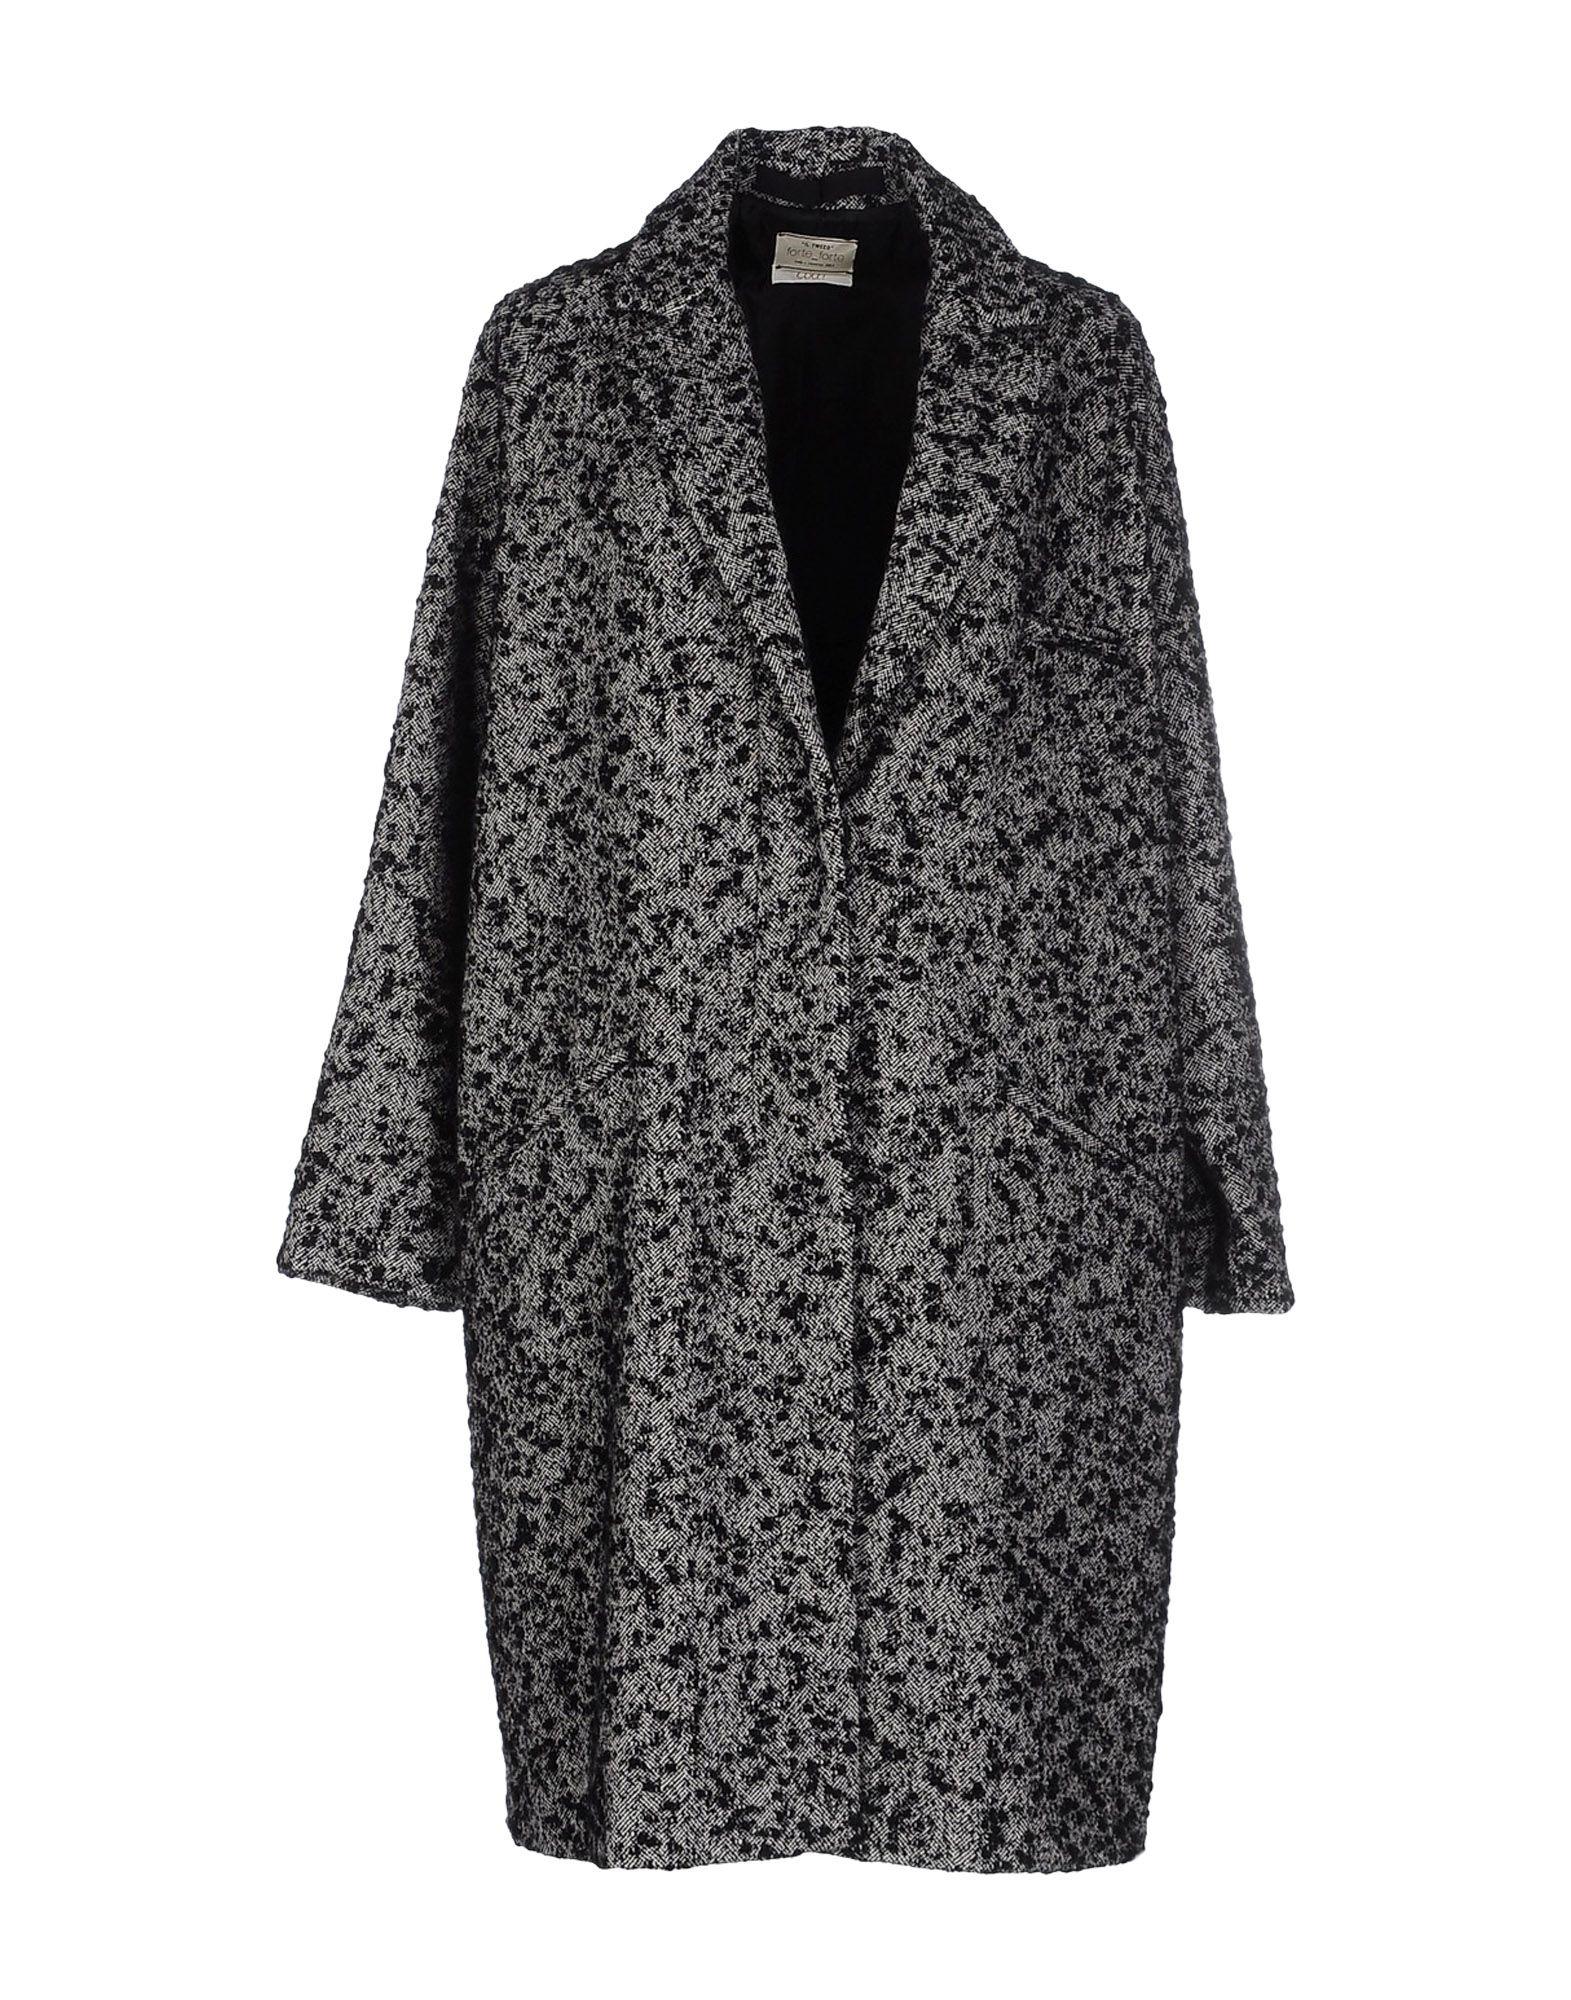 Manteau long forte_forte femme. noir. 32 - 34 -...